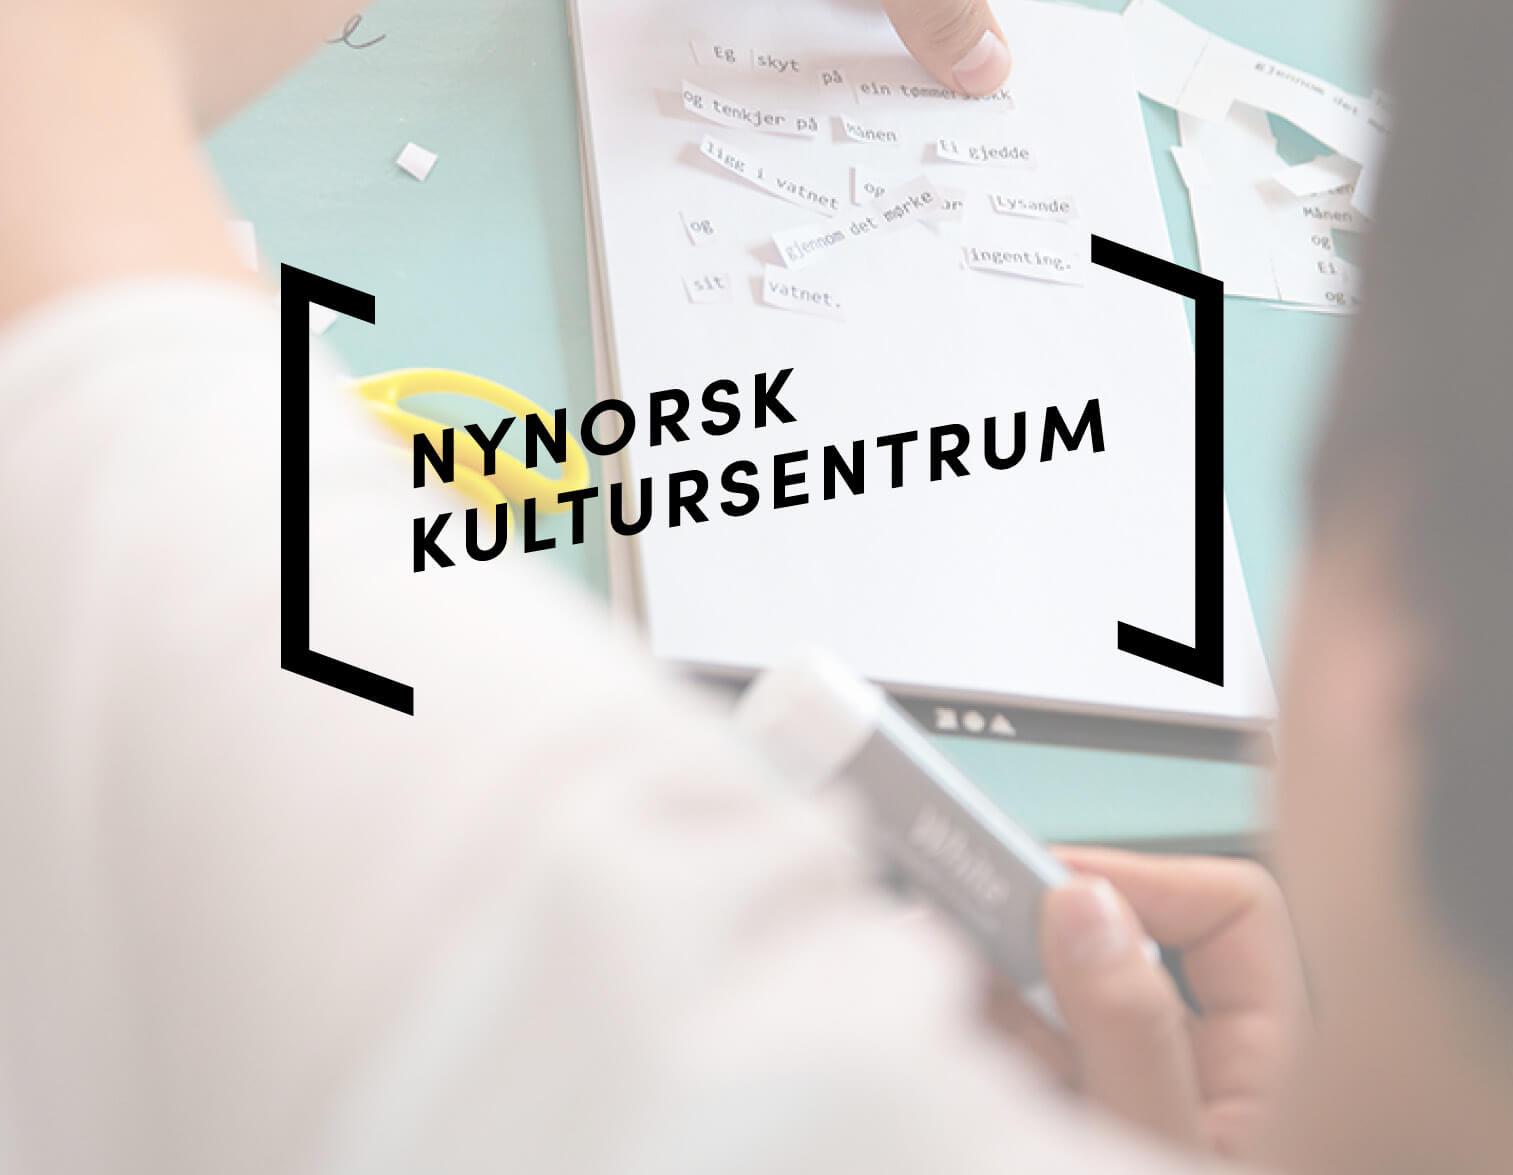 Bilete av den nye logoen til Nynorsk kultursentrum